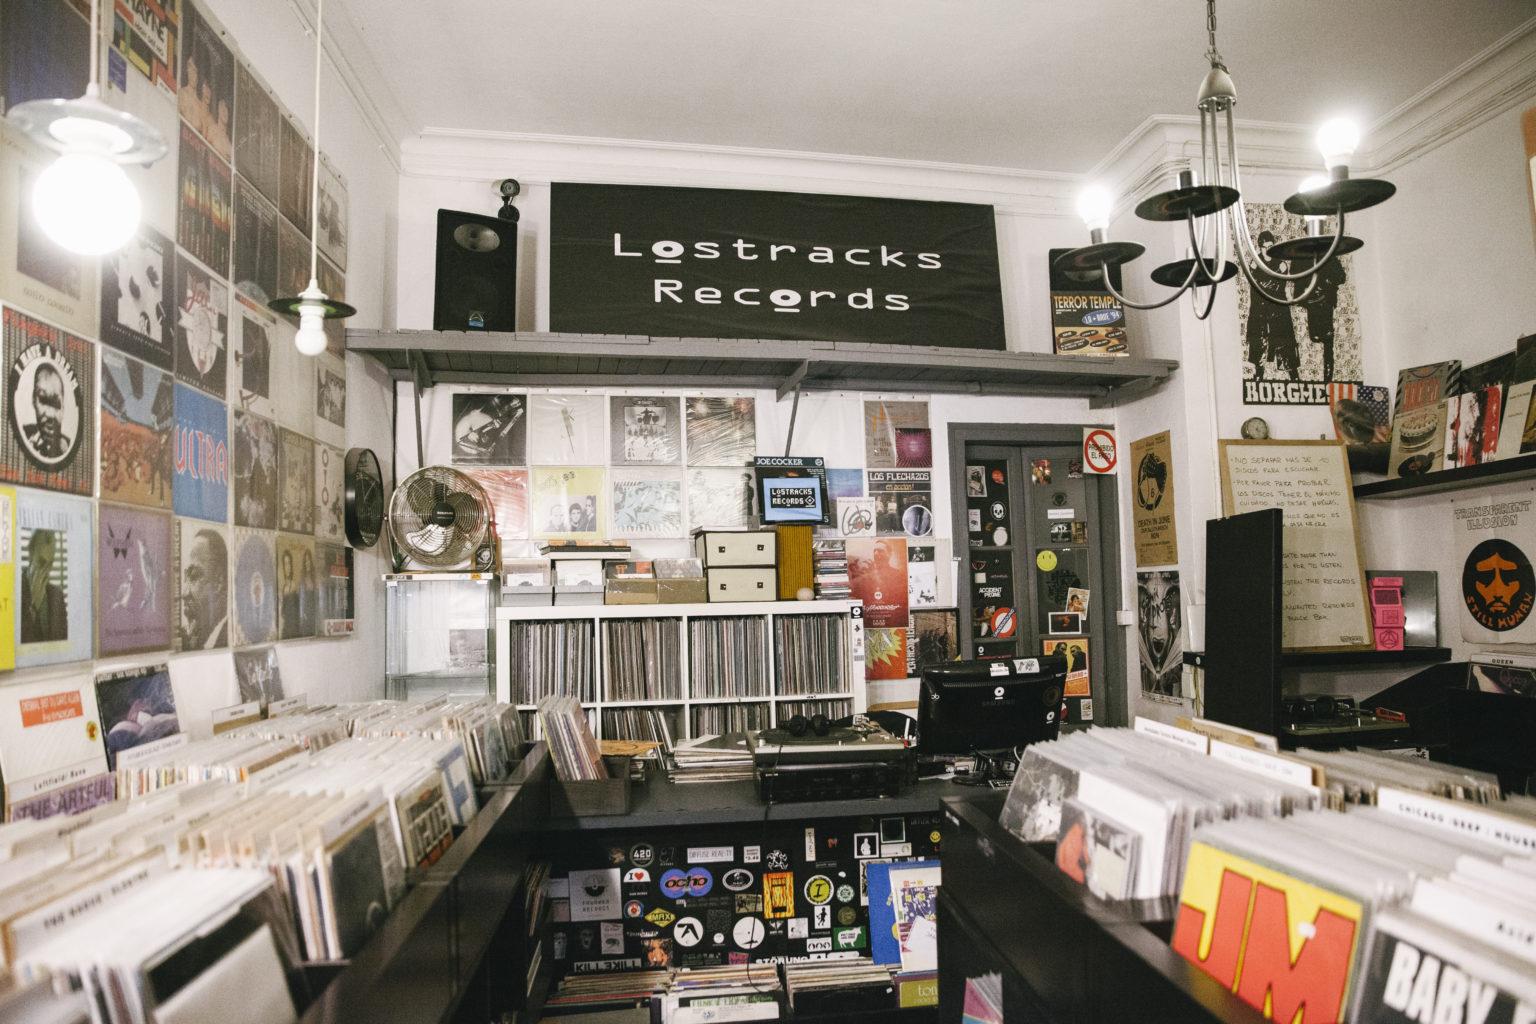 tiu-galerias-tiendas-de-discos-barcelona-losttracks3-1536x1024